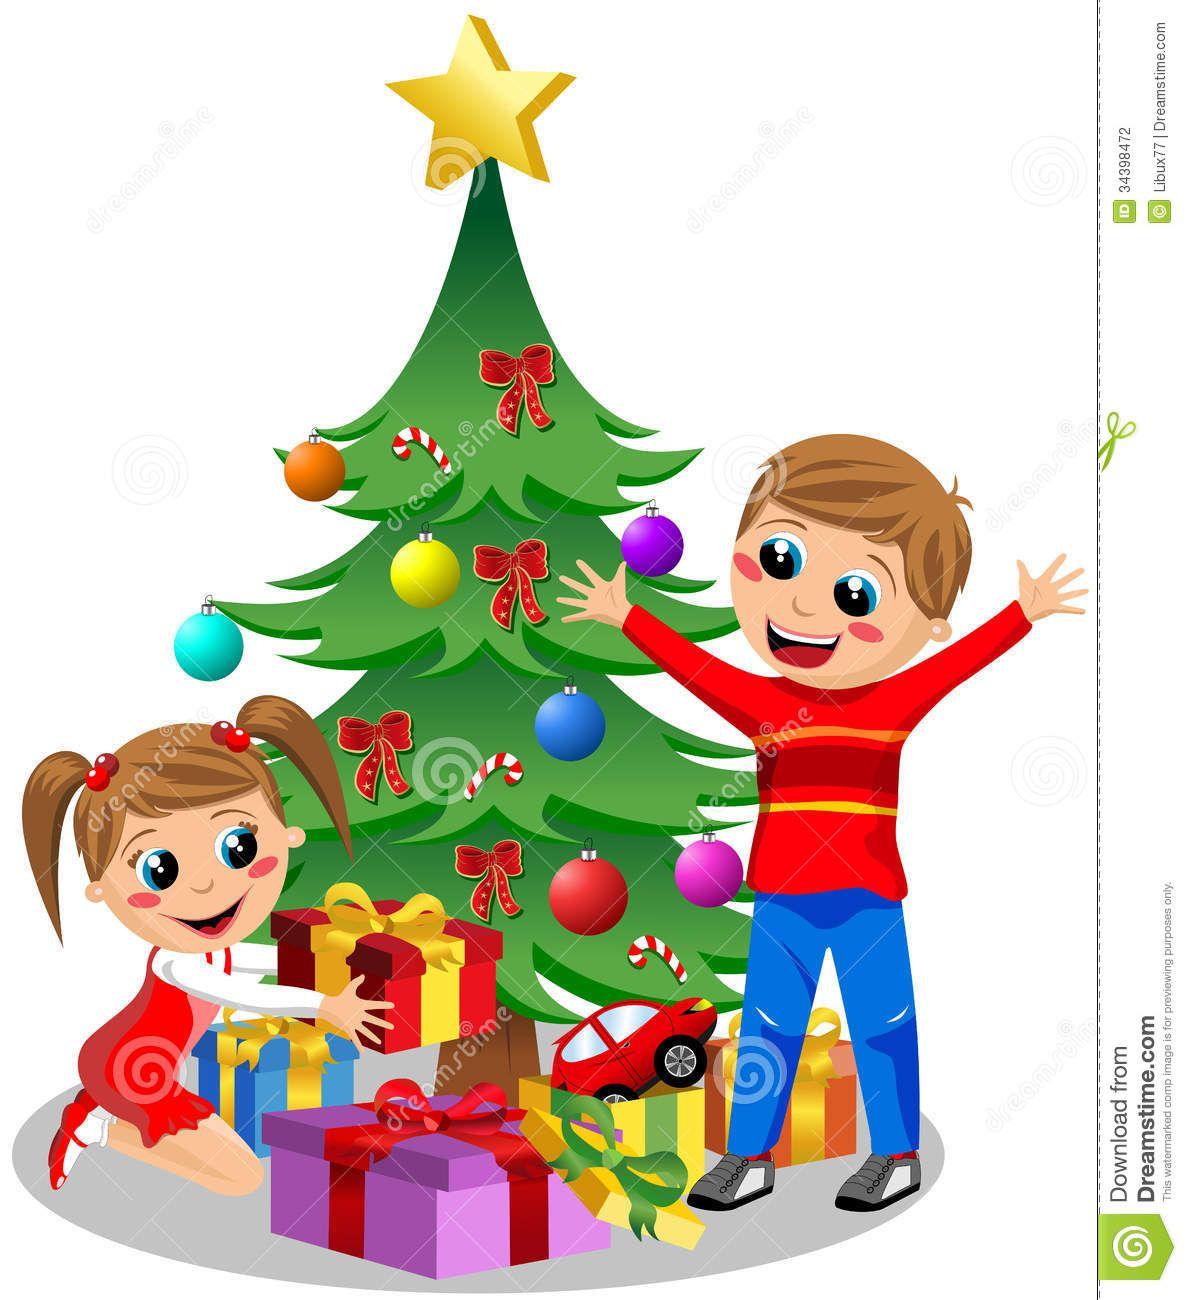 2ce2ee05f705342a4de9d5e0ca78c0ad_cute Kids Opening Christmas Open  ~ Crismas De Navidad Hechos Por  Ninos